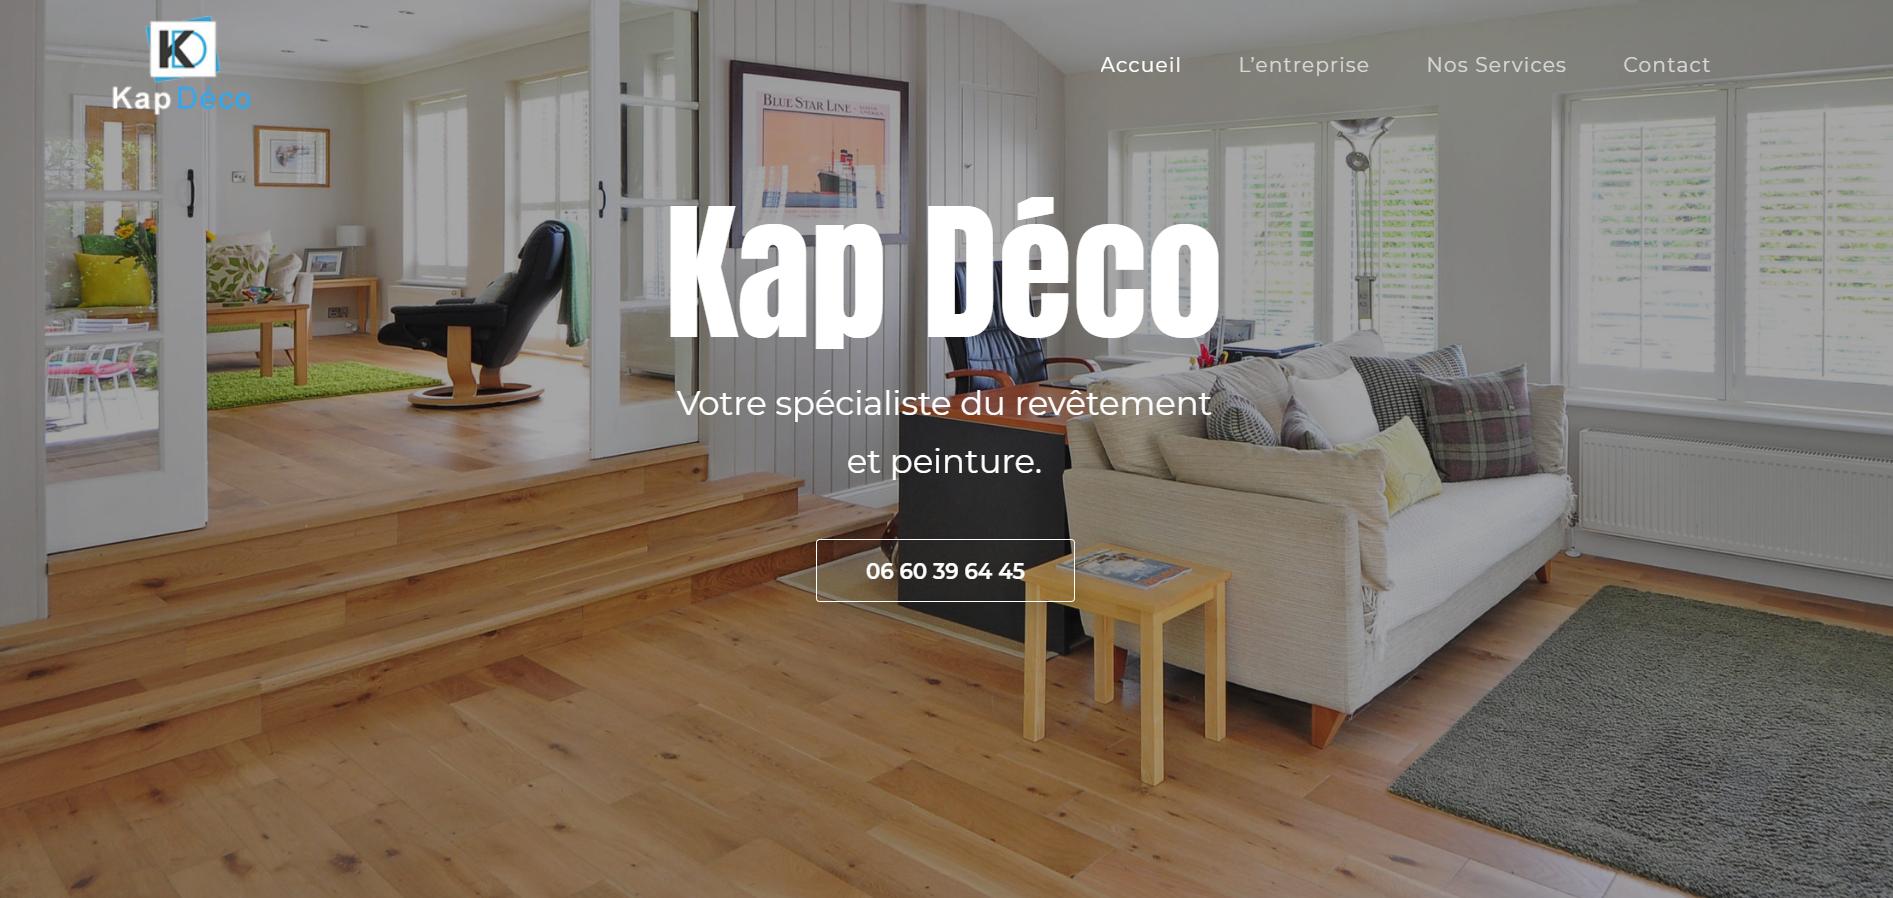 Site web Kap deco